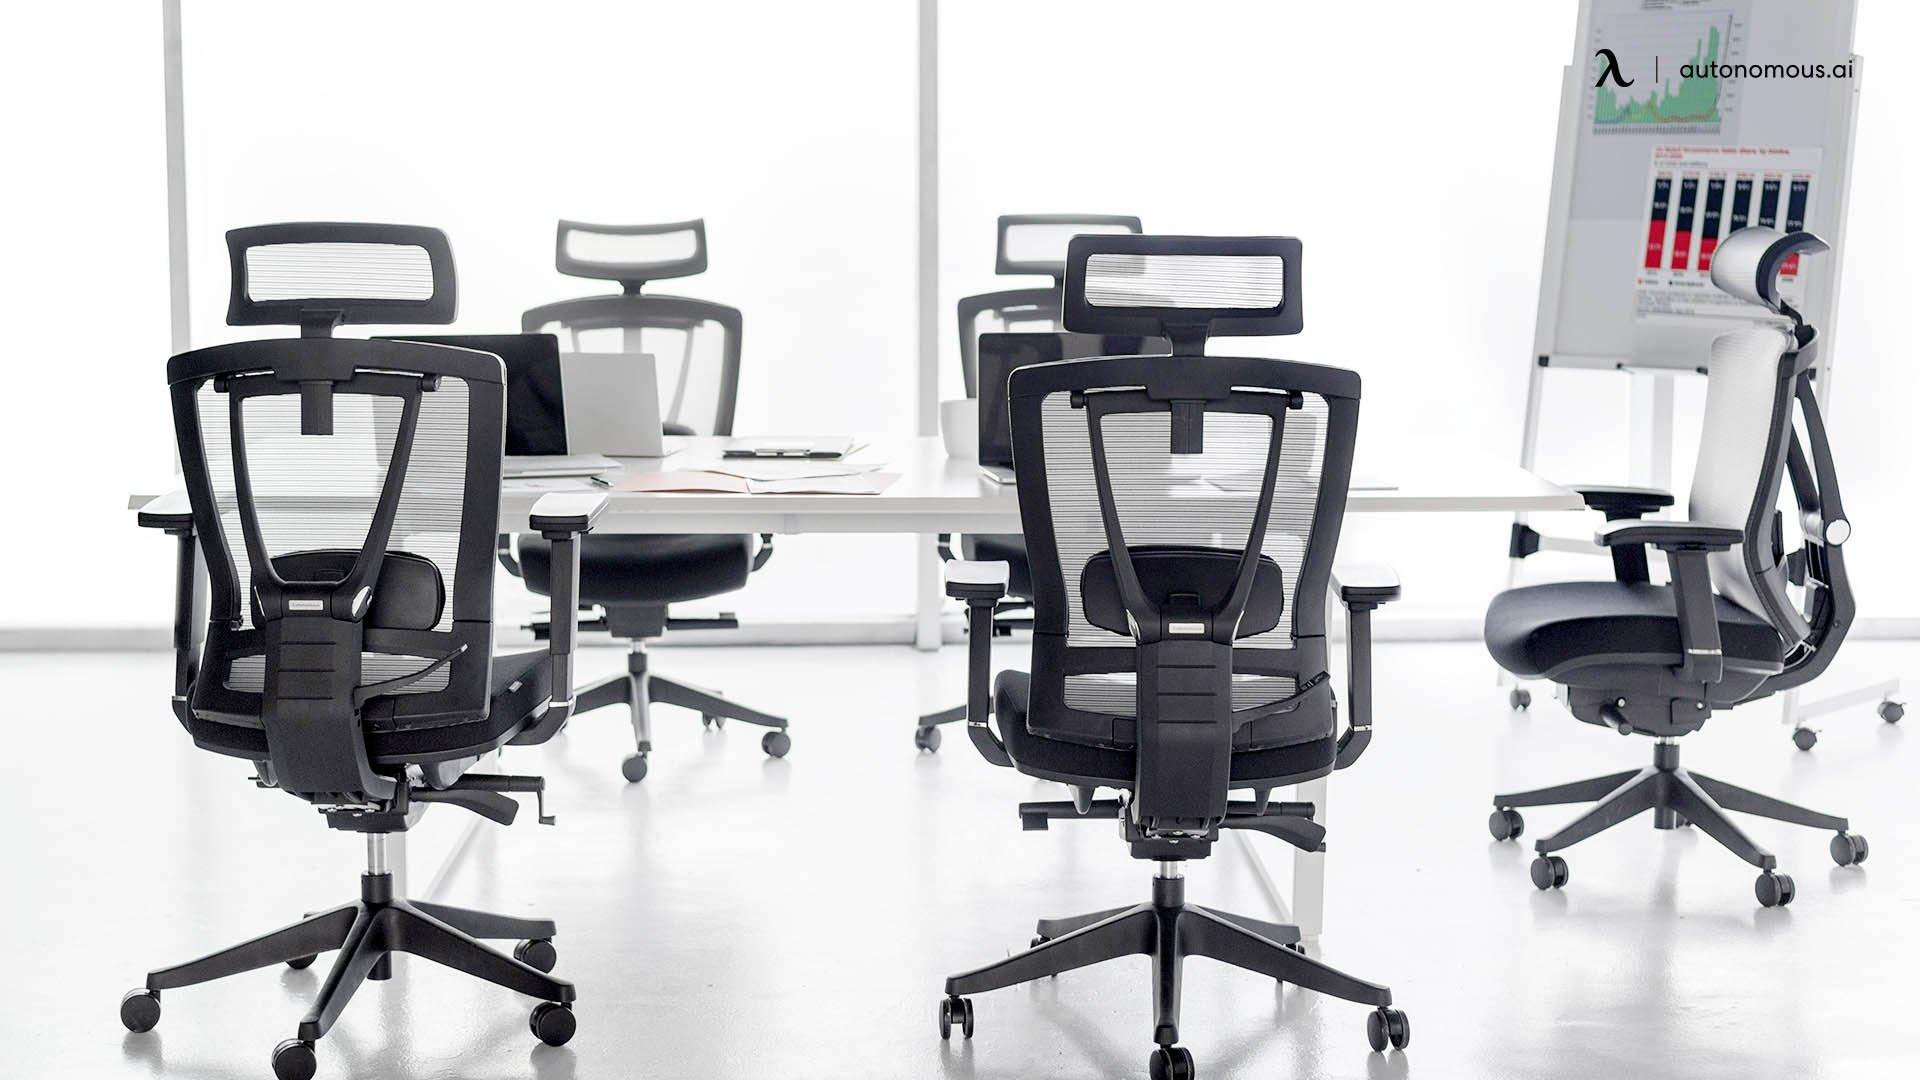 Ergonomic Chair in ergonomic trend